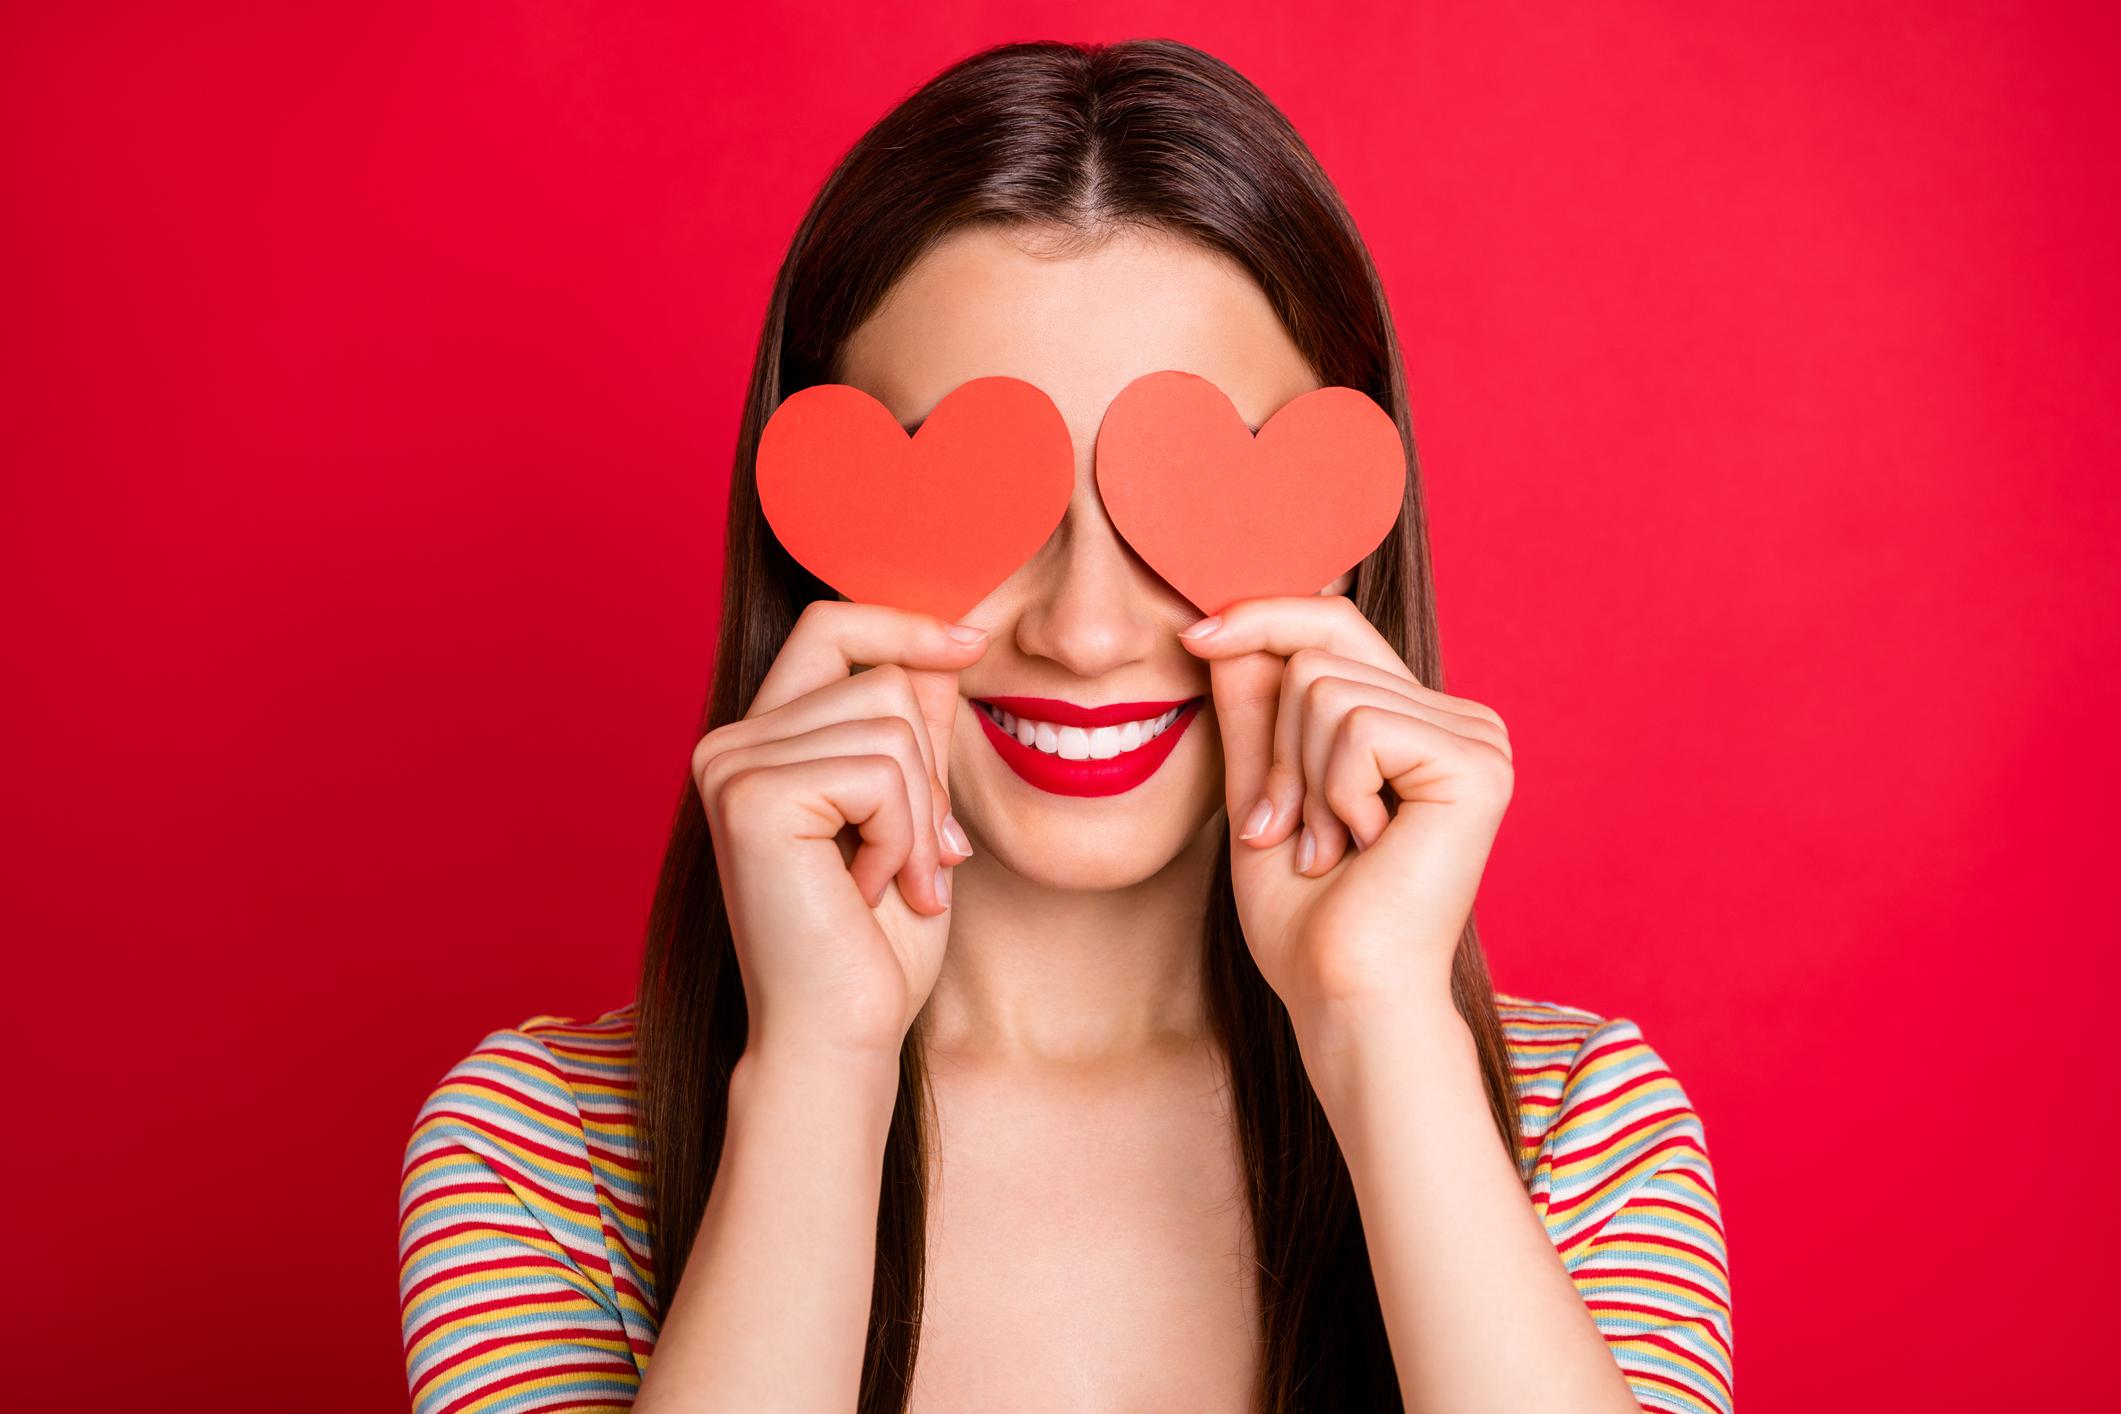 Mujer con corazones en los ojos.